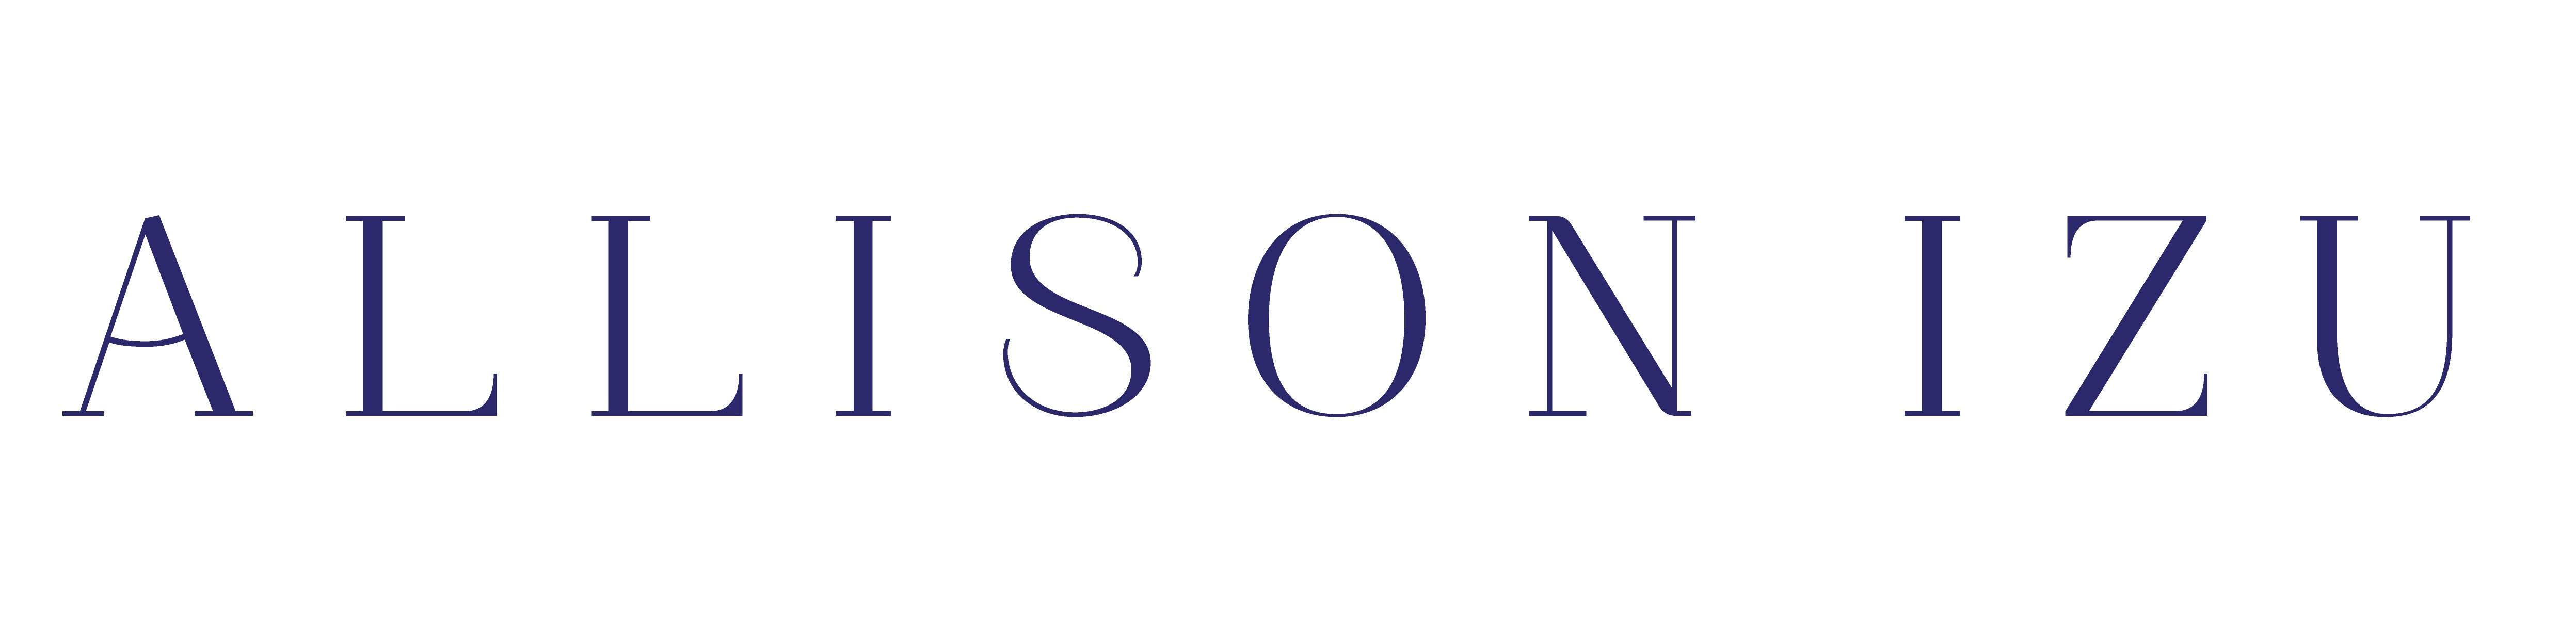 앨리슨 이즈 (Allison Izu) Logo